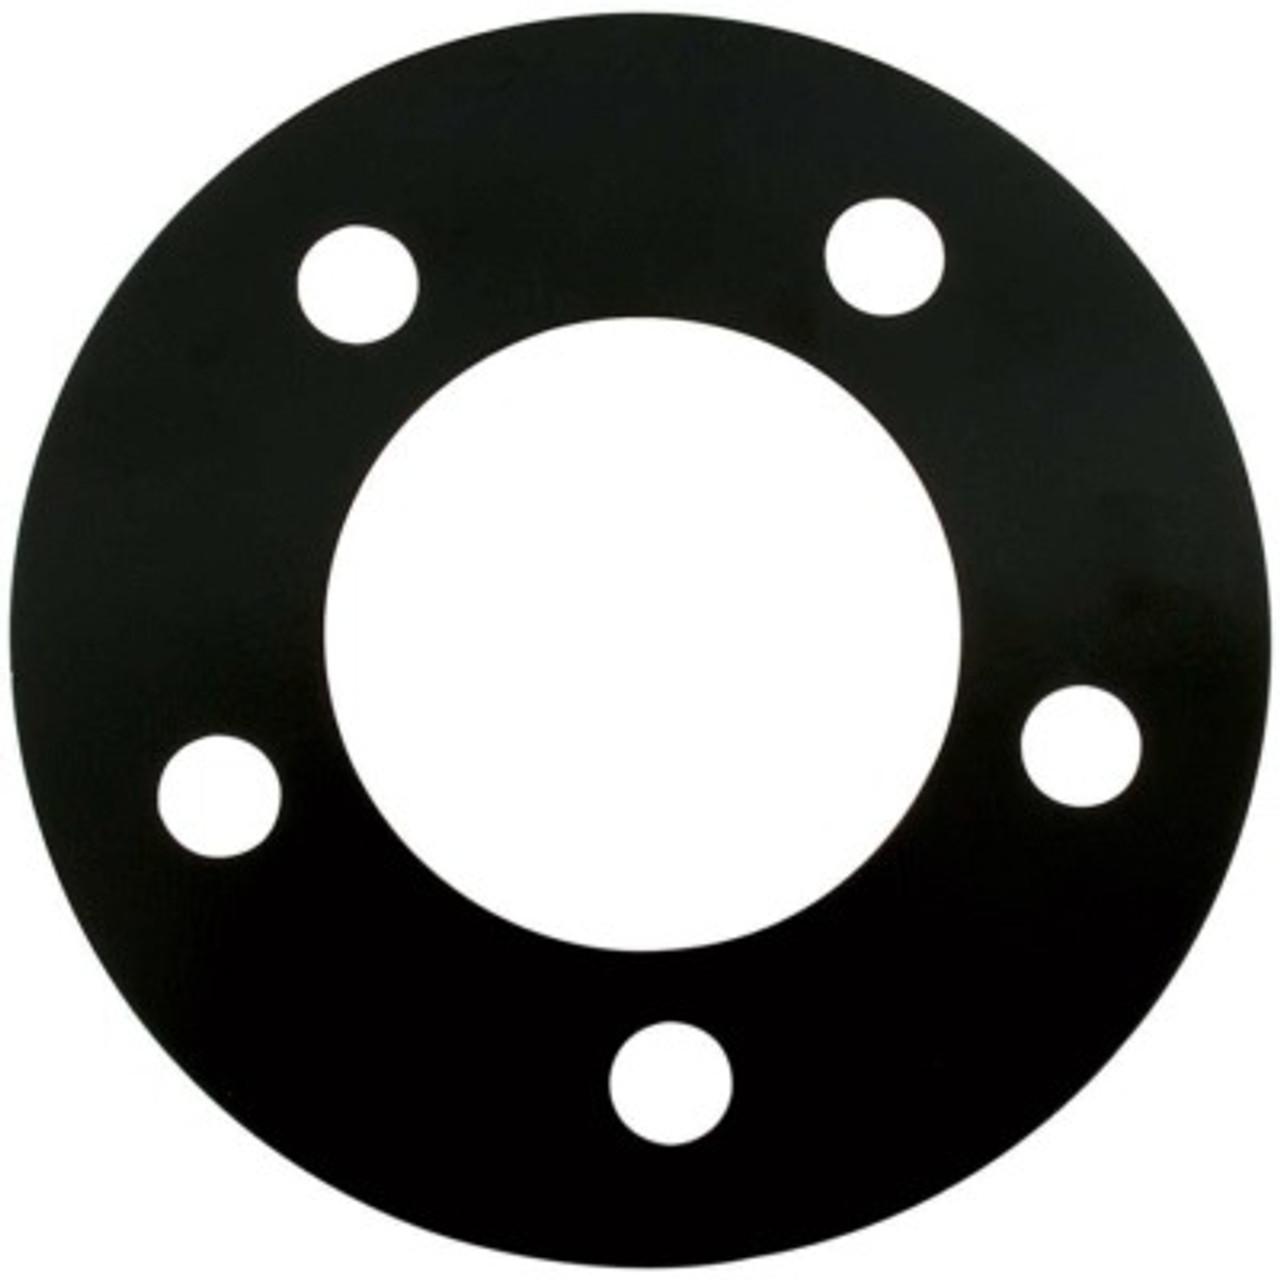 Allstar 5X5 Wheel Spacers - Steel